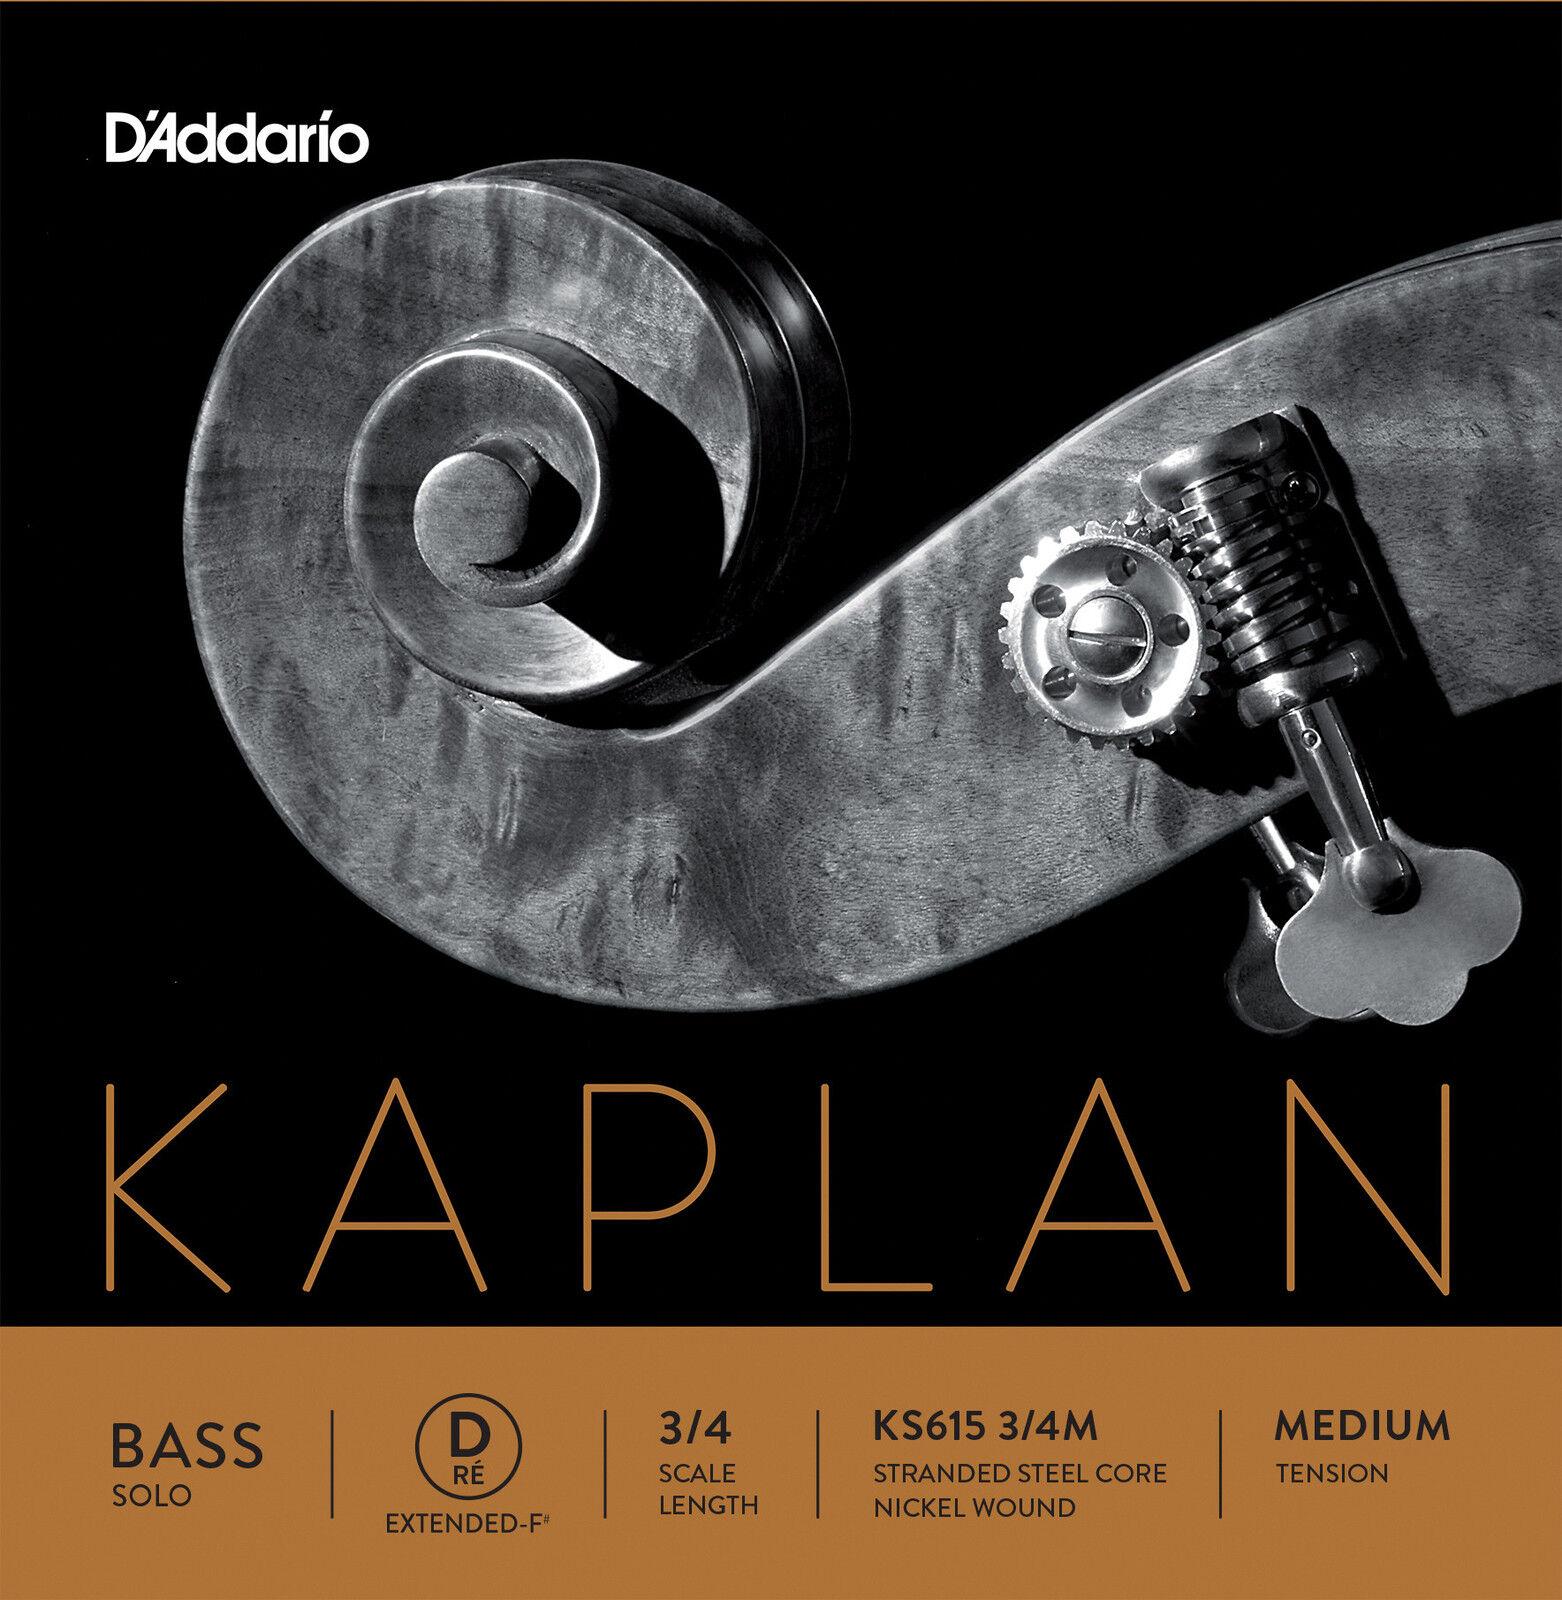 D'Addario Kaplan Solo Double Bass D-Ext String, 3 4 Scale, Medium Tension